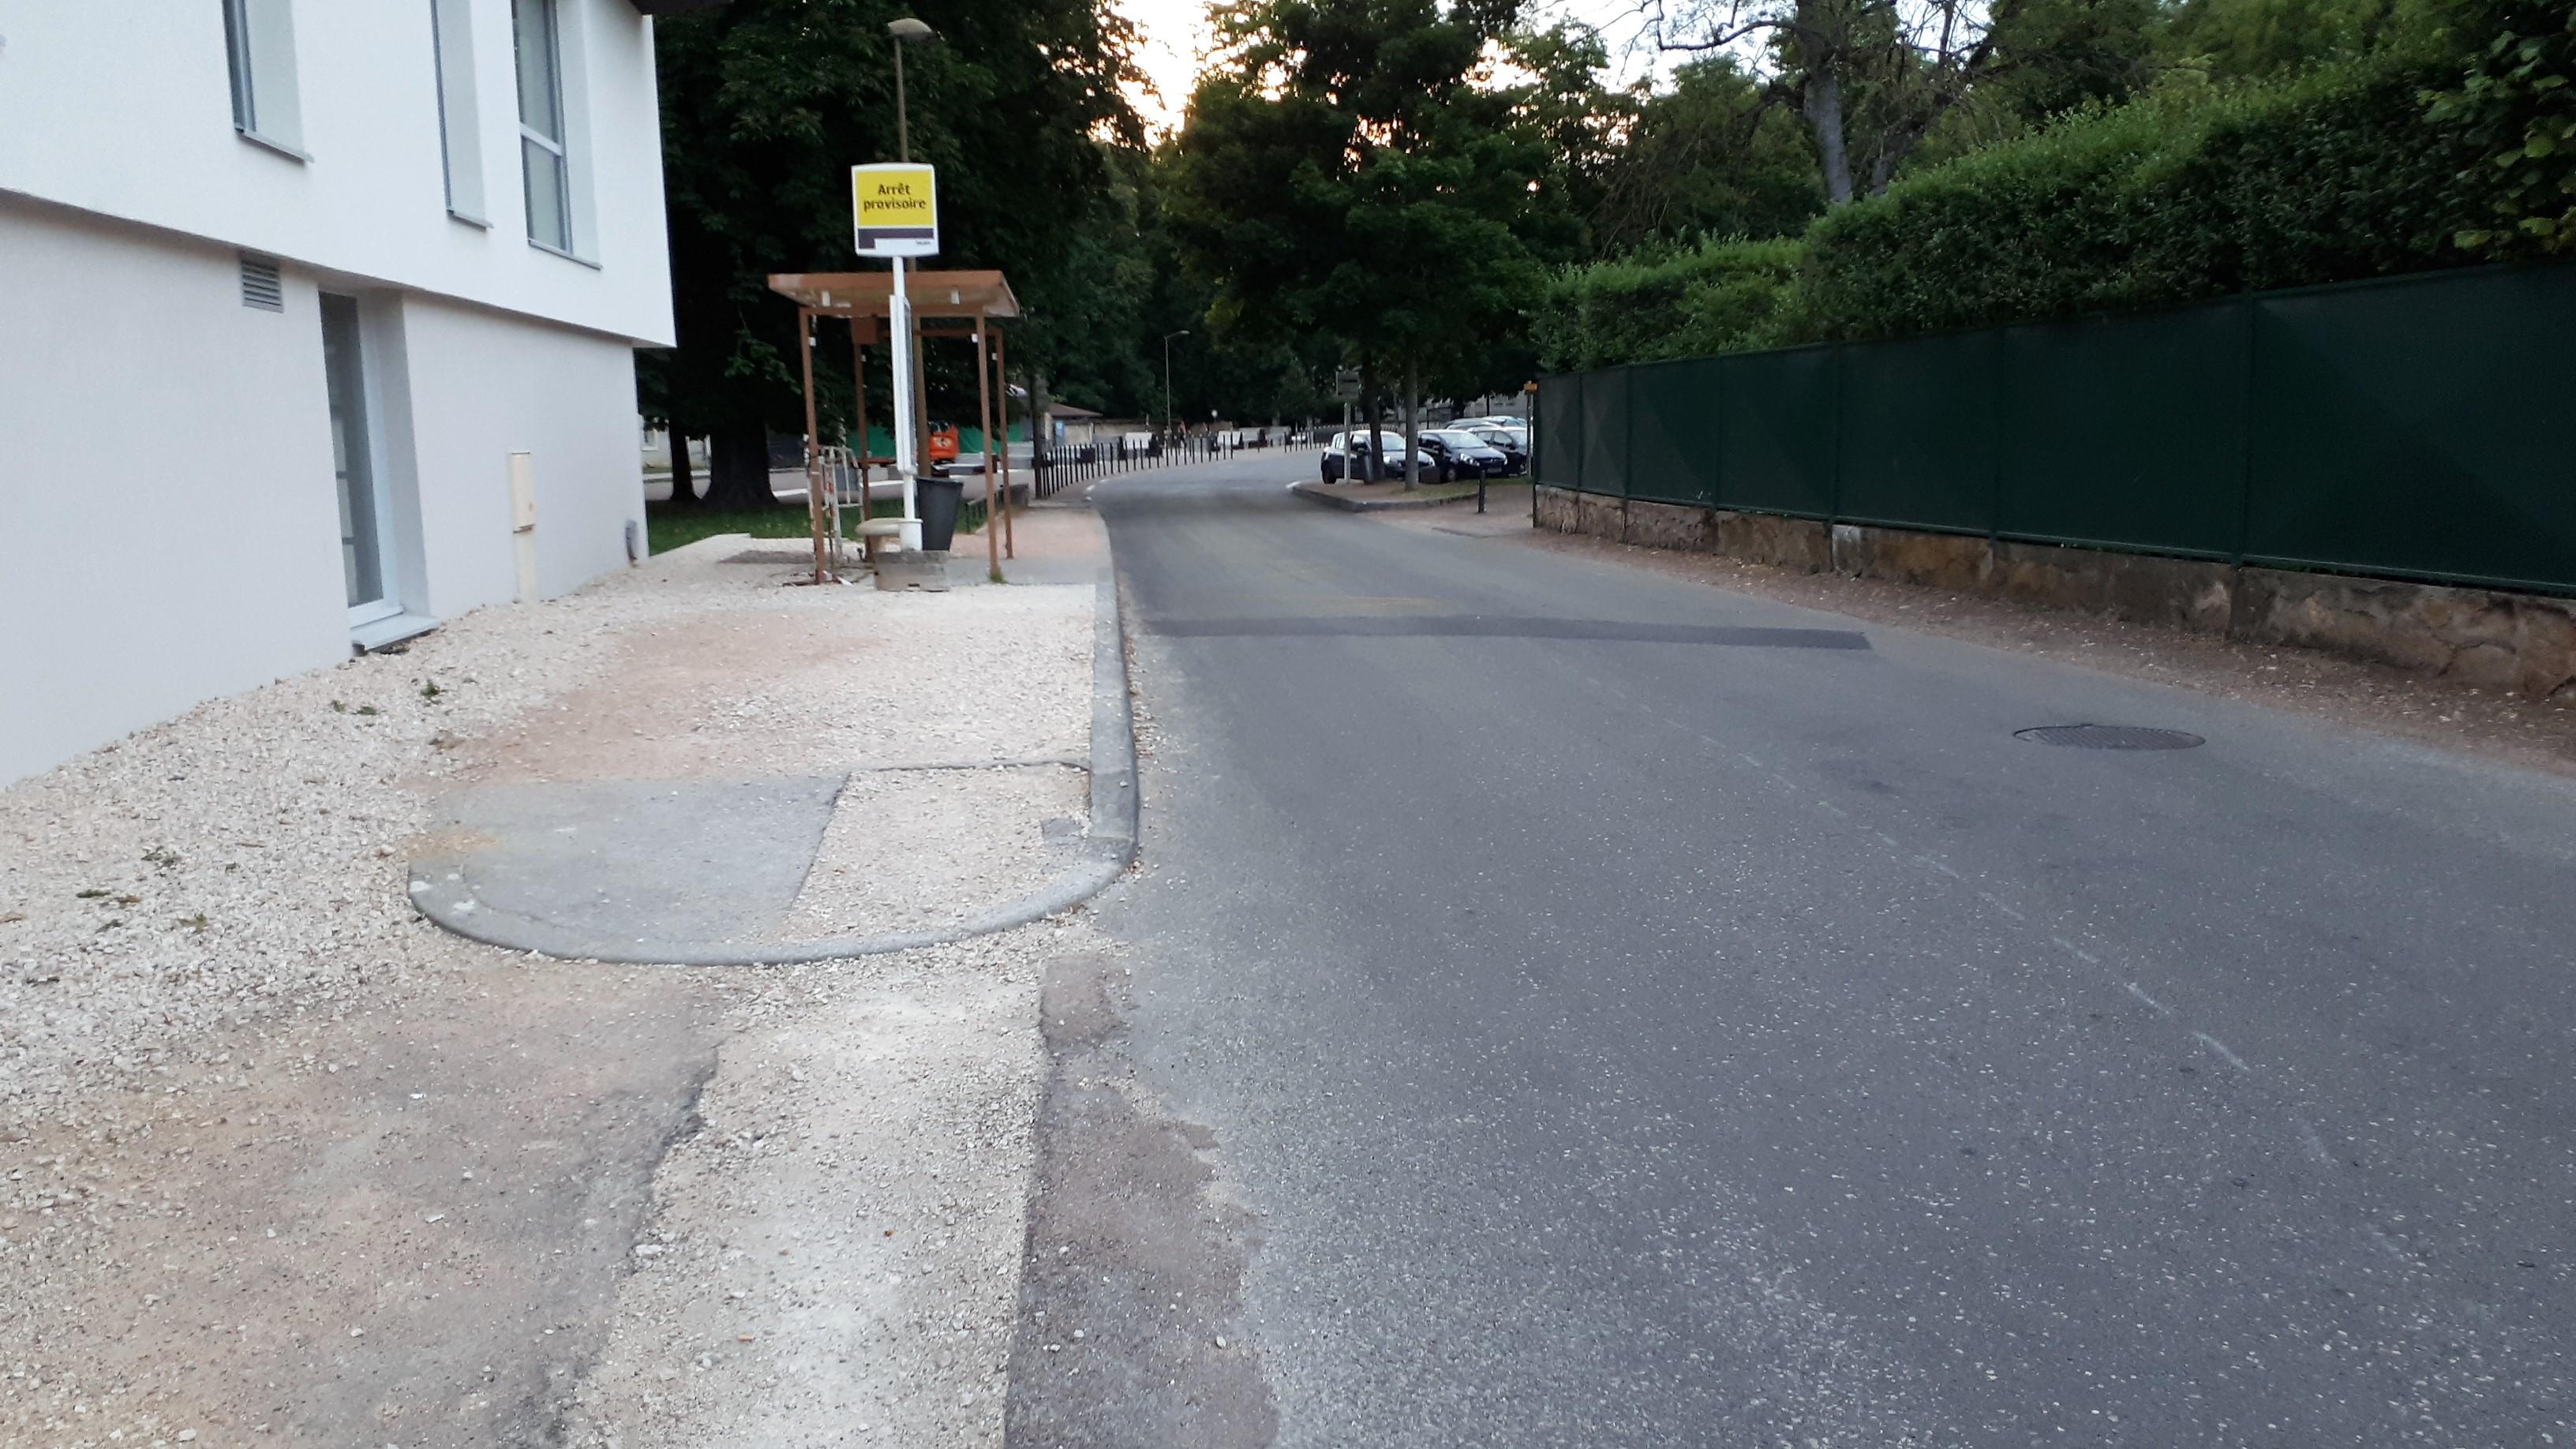 Passage du Parc Barbusse 05 2017(2)